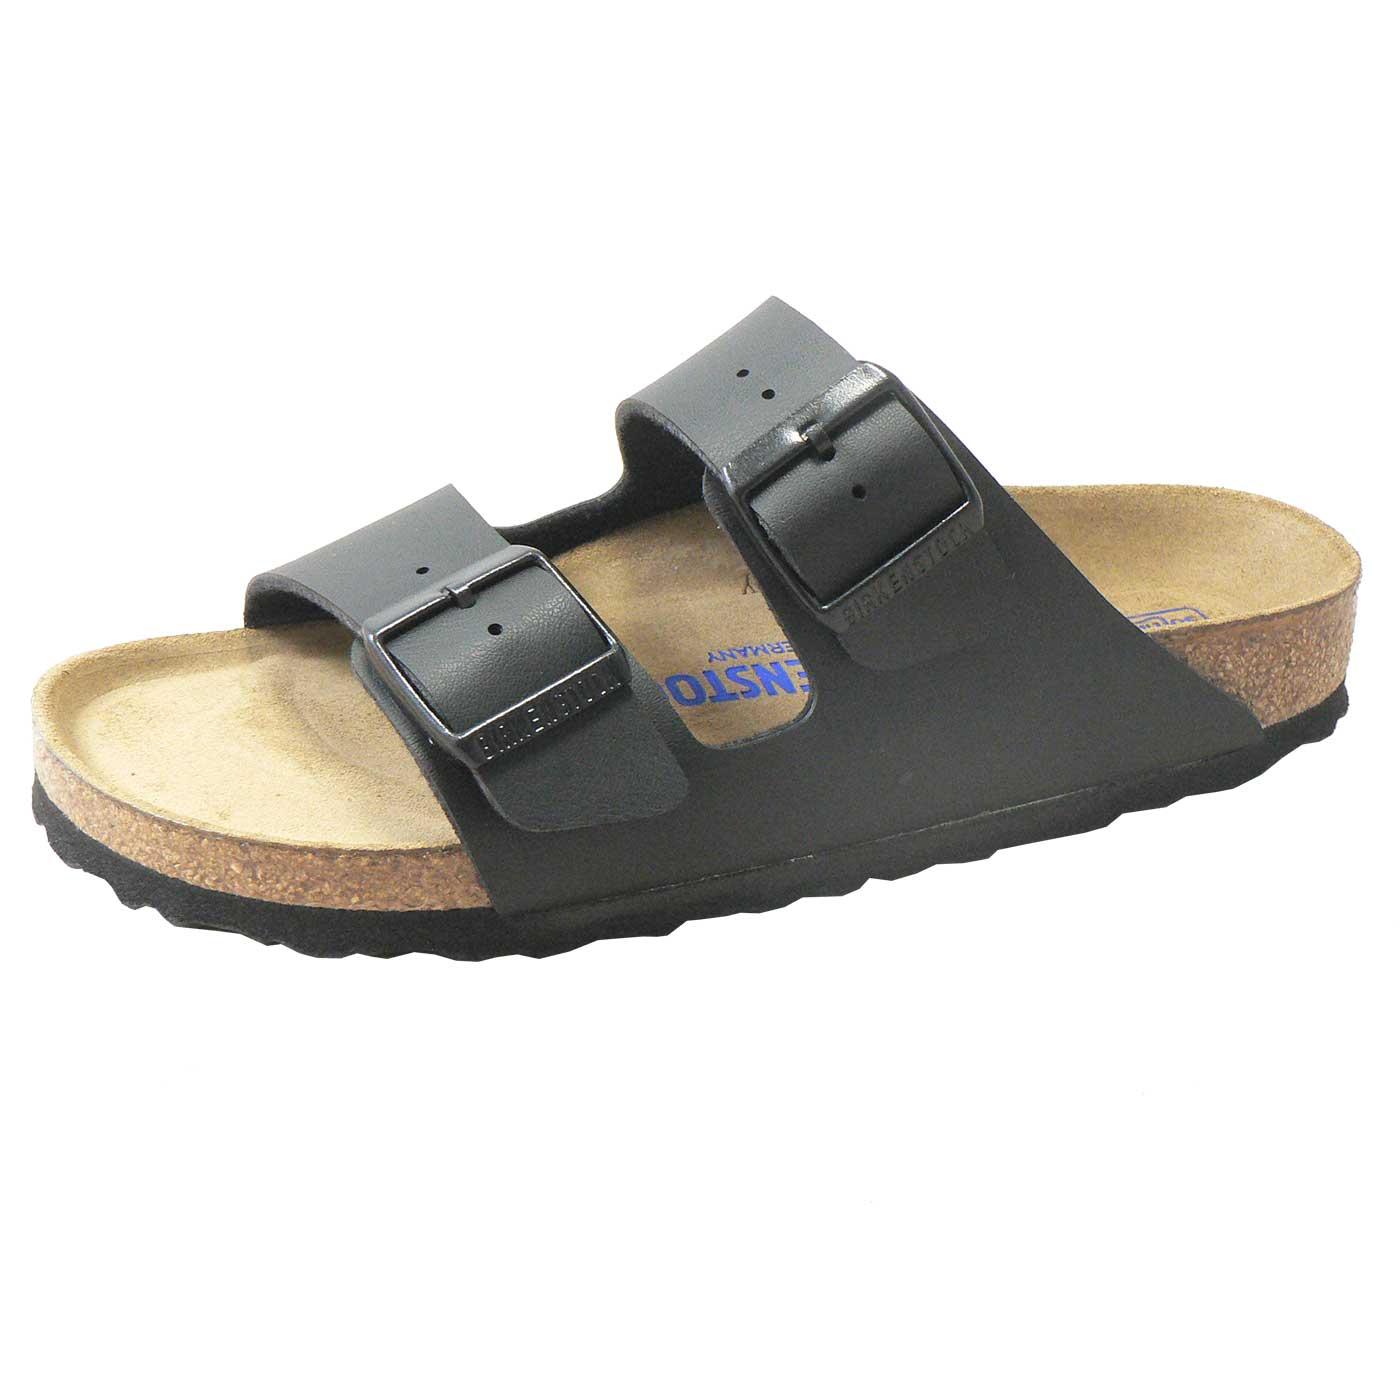 1a33ead8d5da Arizona (Birko Flor   Soft Footbed) - Black (NARROW FIT) - Shop ...